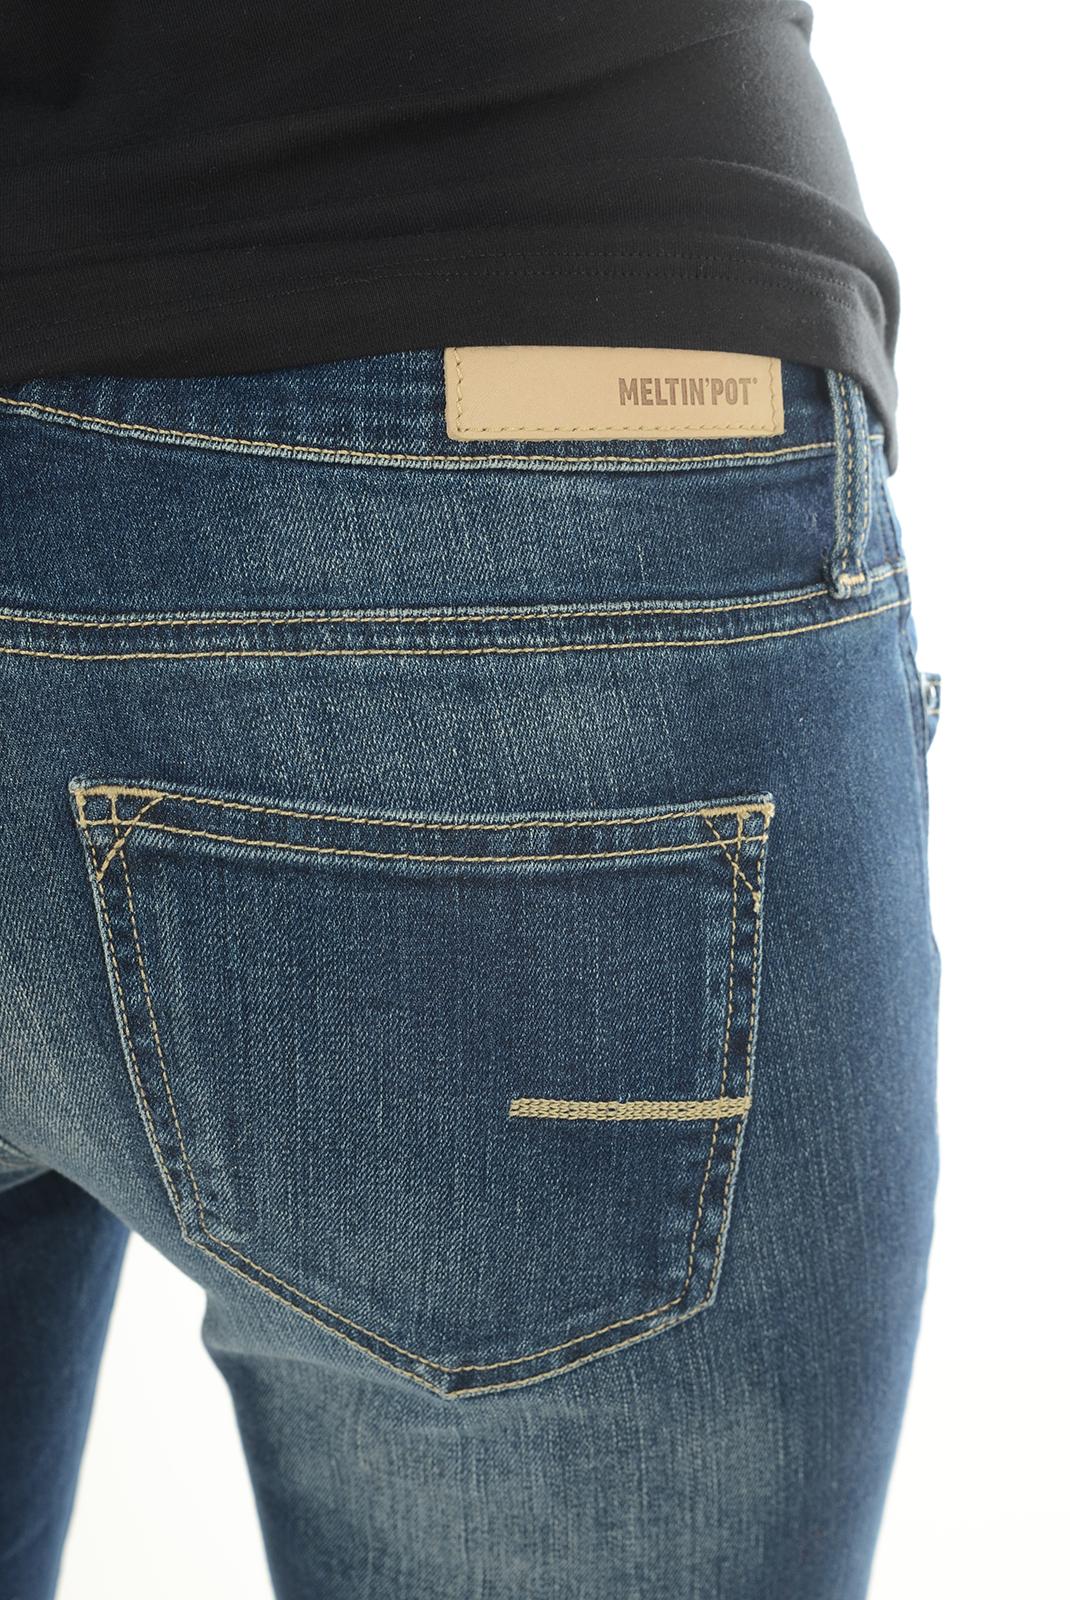 Jeans   Meltin'pot RAJA/W D1586 USK10 BLEU